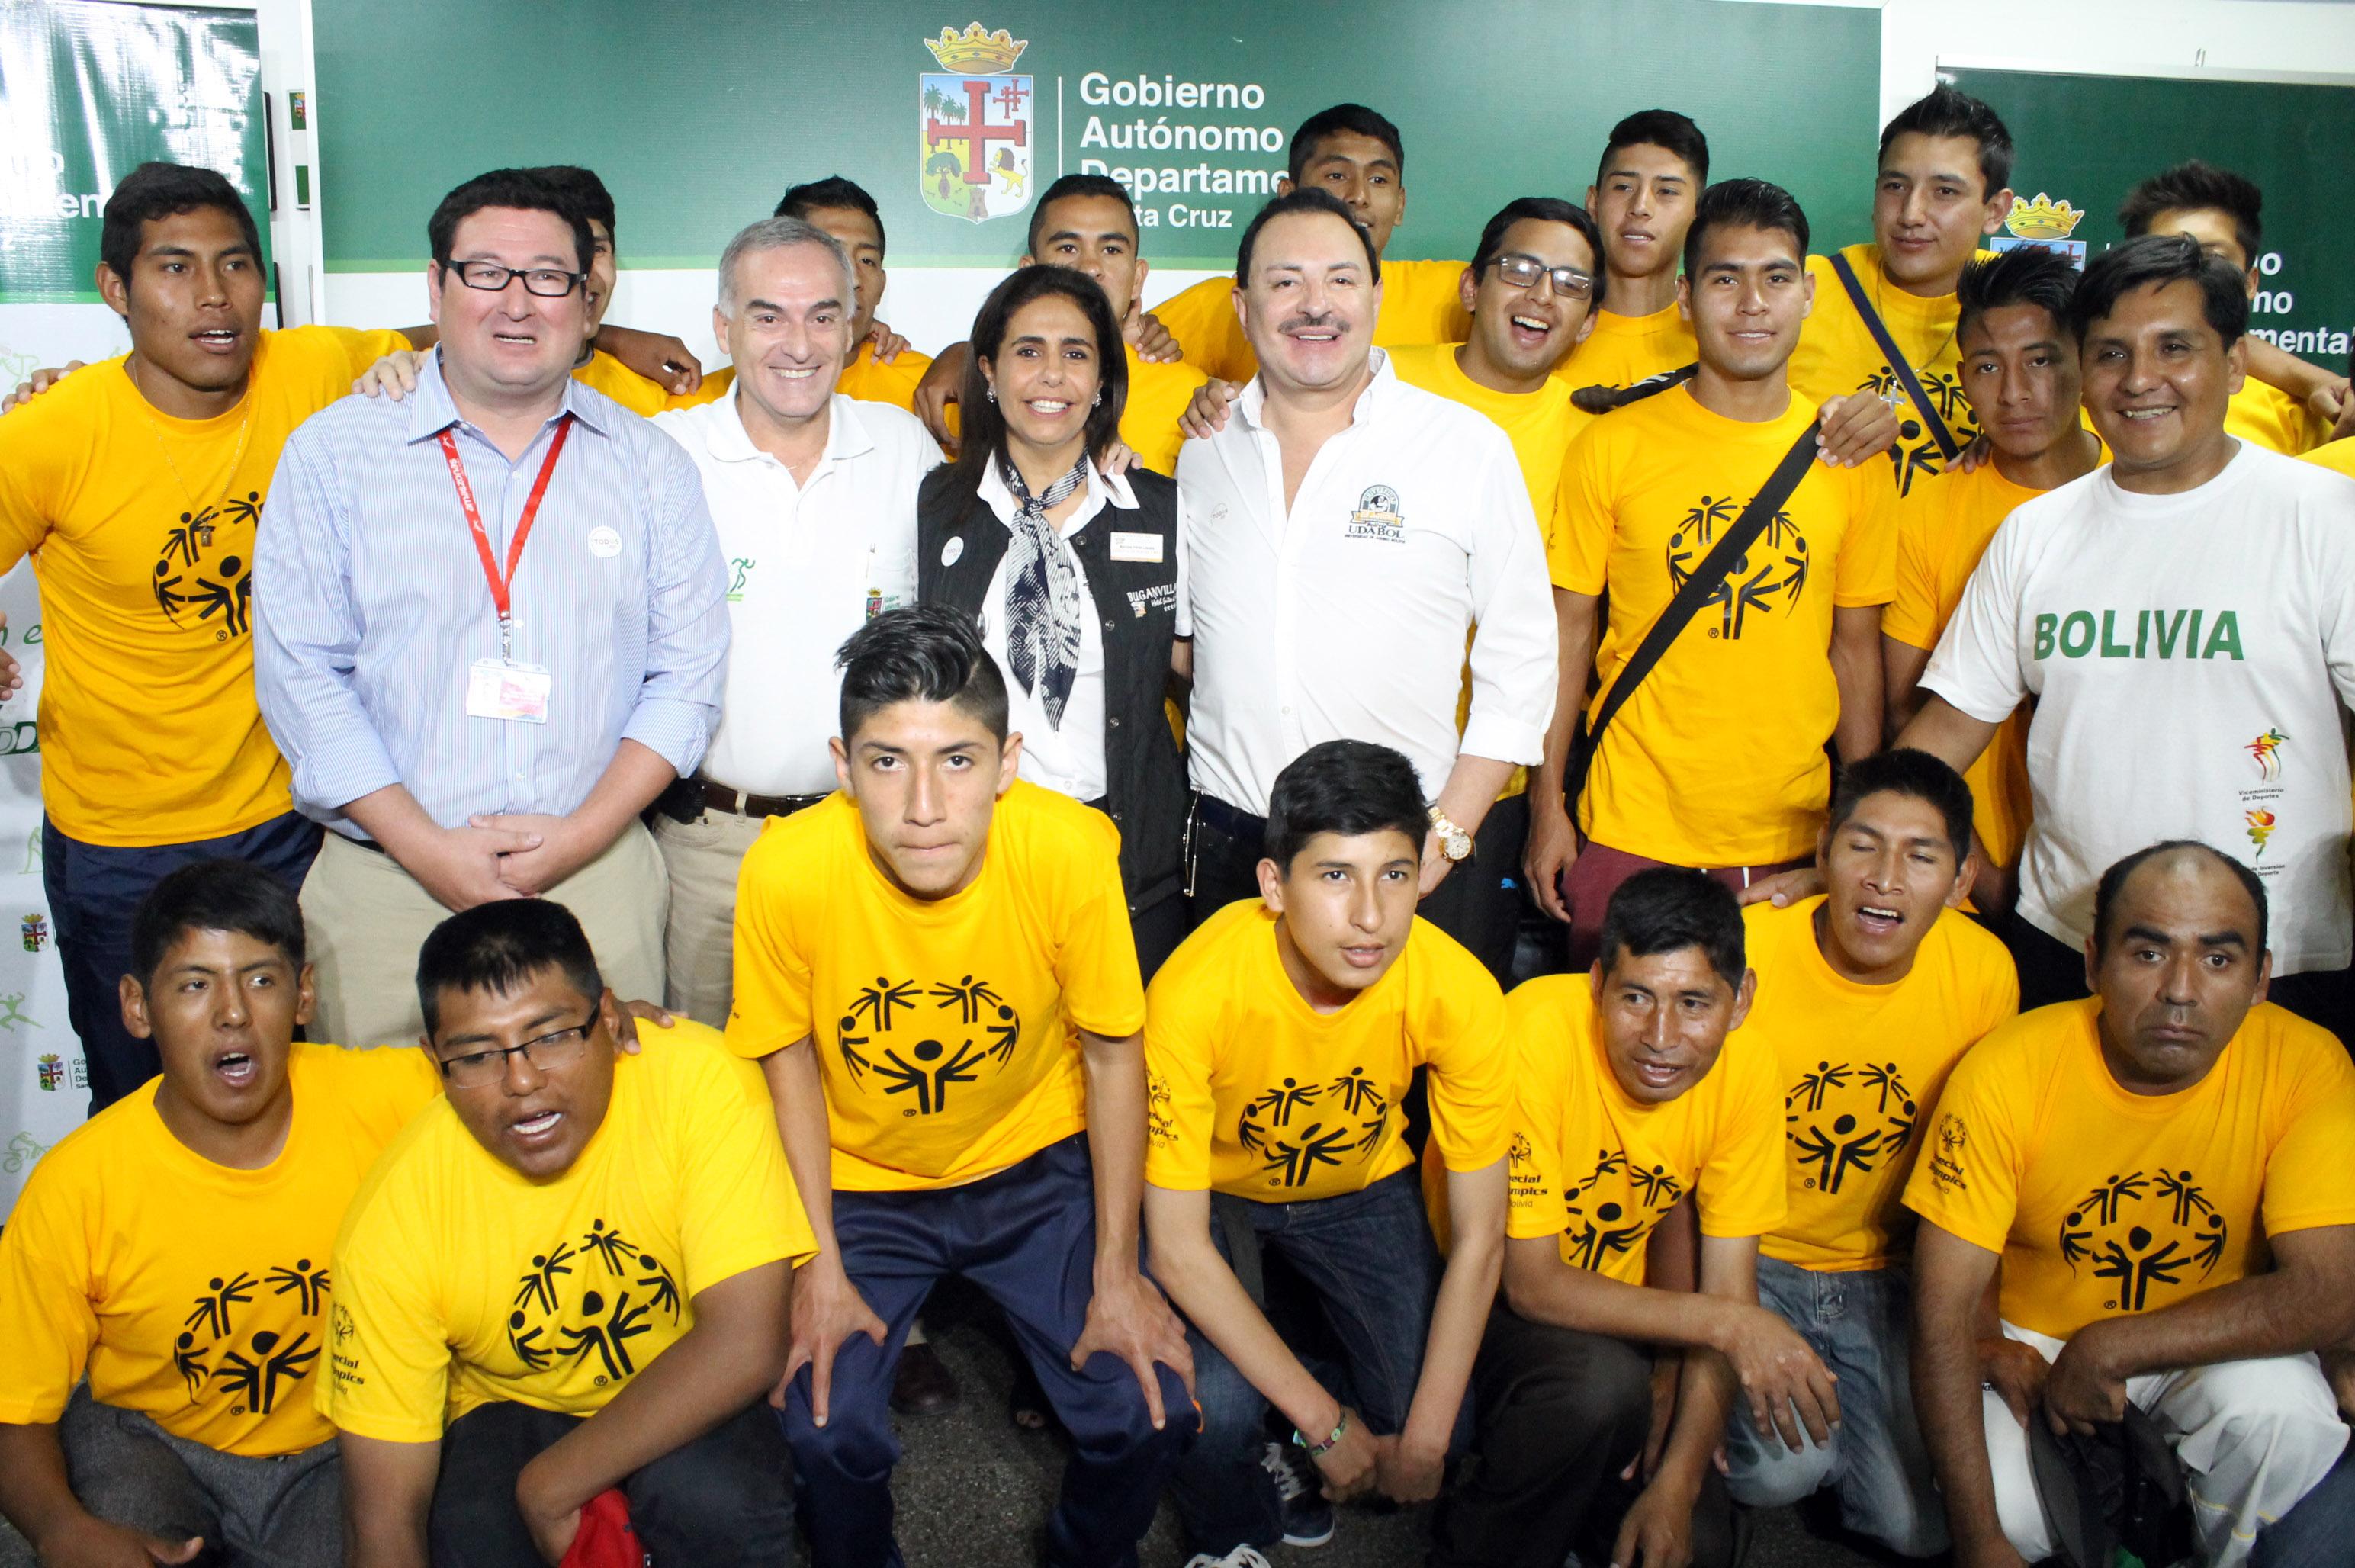 Delegación boliviana de fútbol junto a los auspiciadores